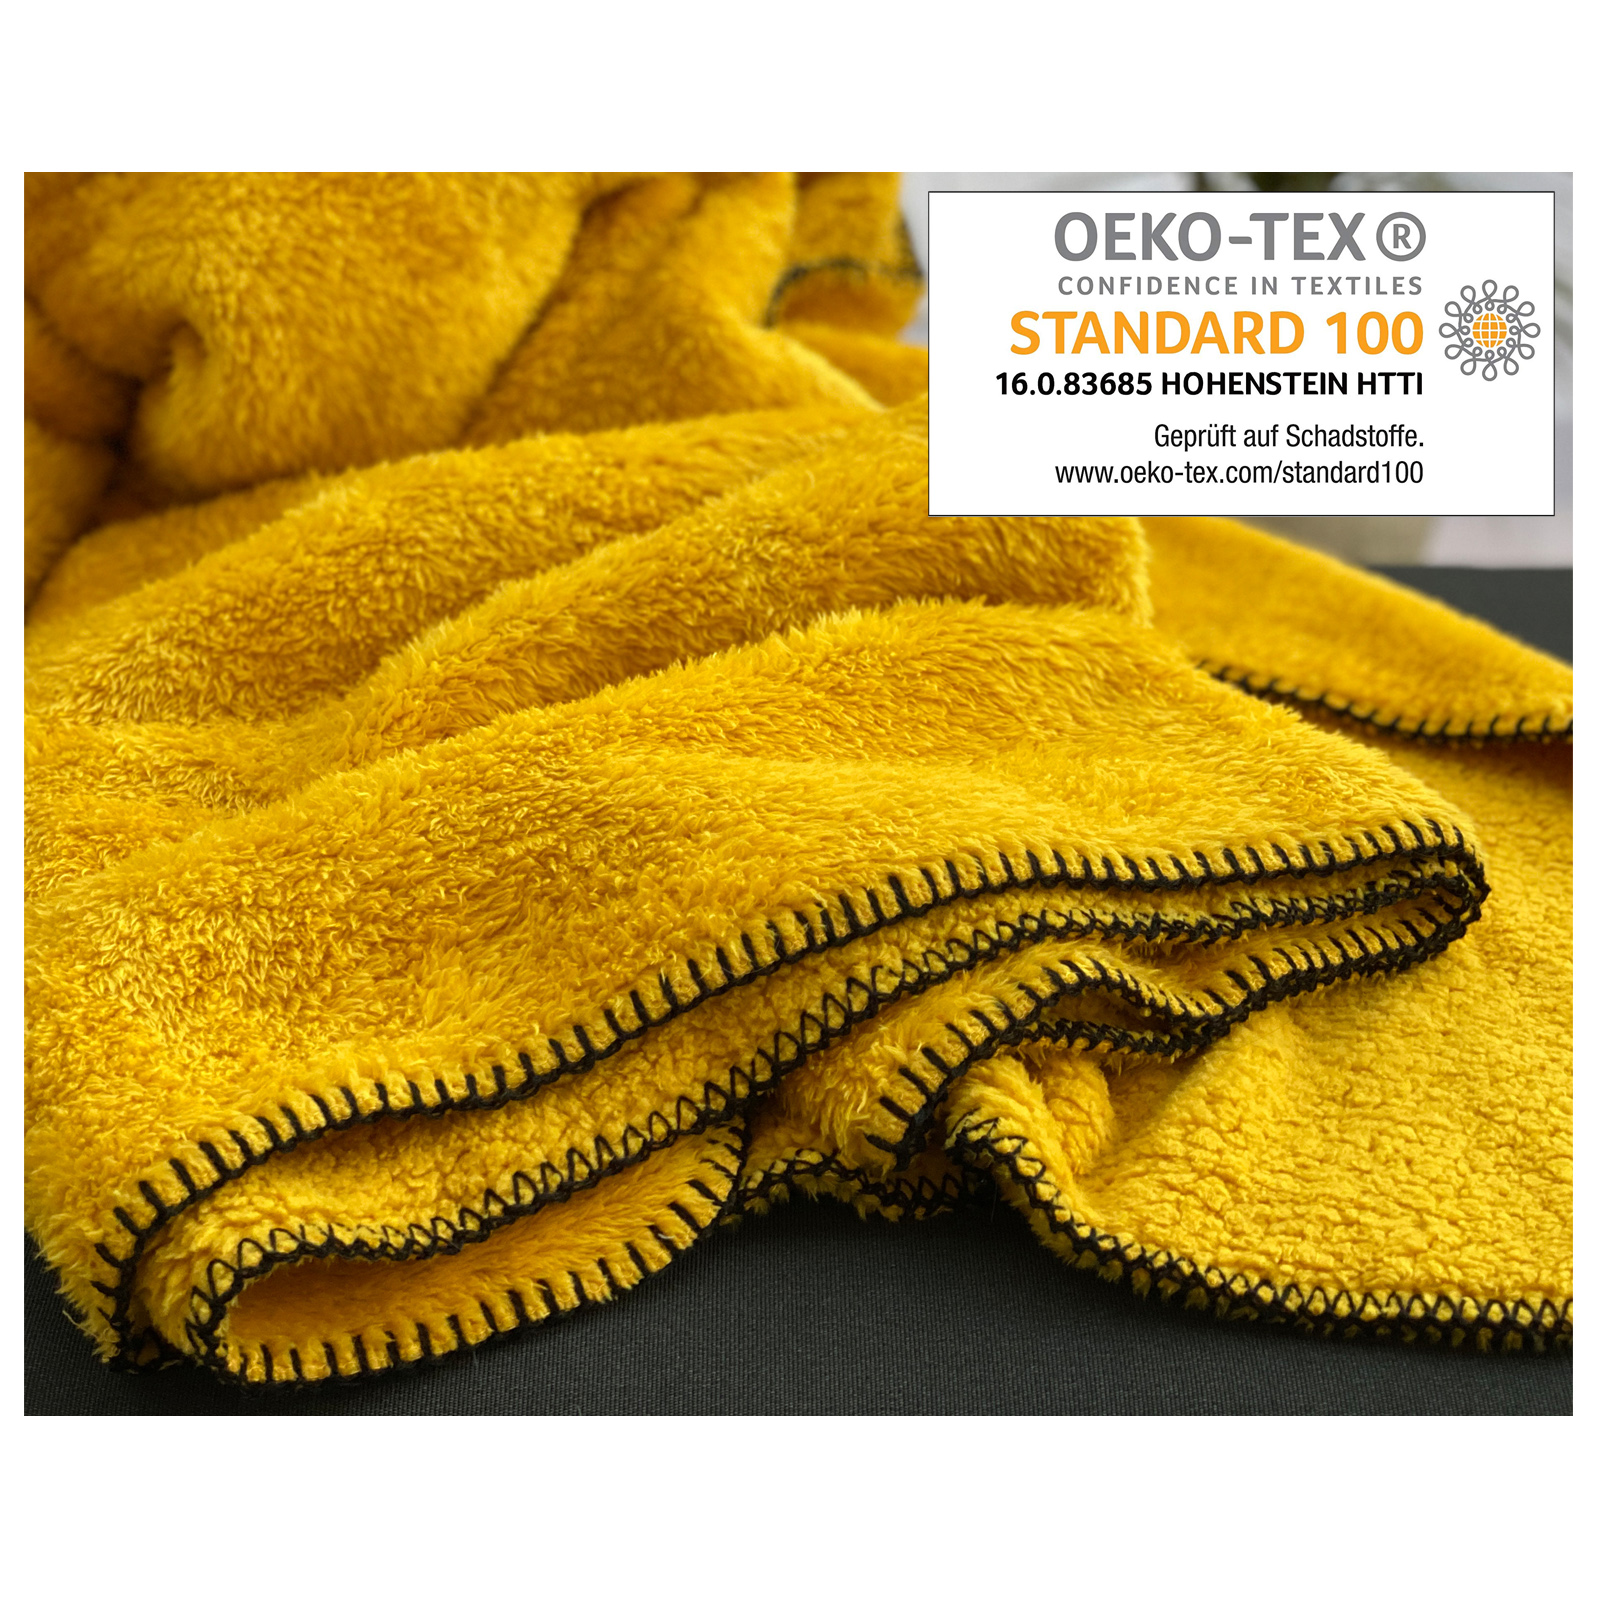 Indexbild 23 - Super Soft Kuscheldecke Langfloor Teddy Fleece XL 200x150 Plüsch Decke Typ716